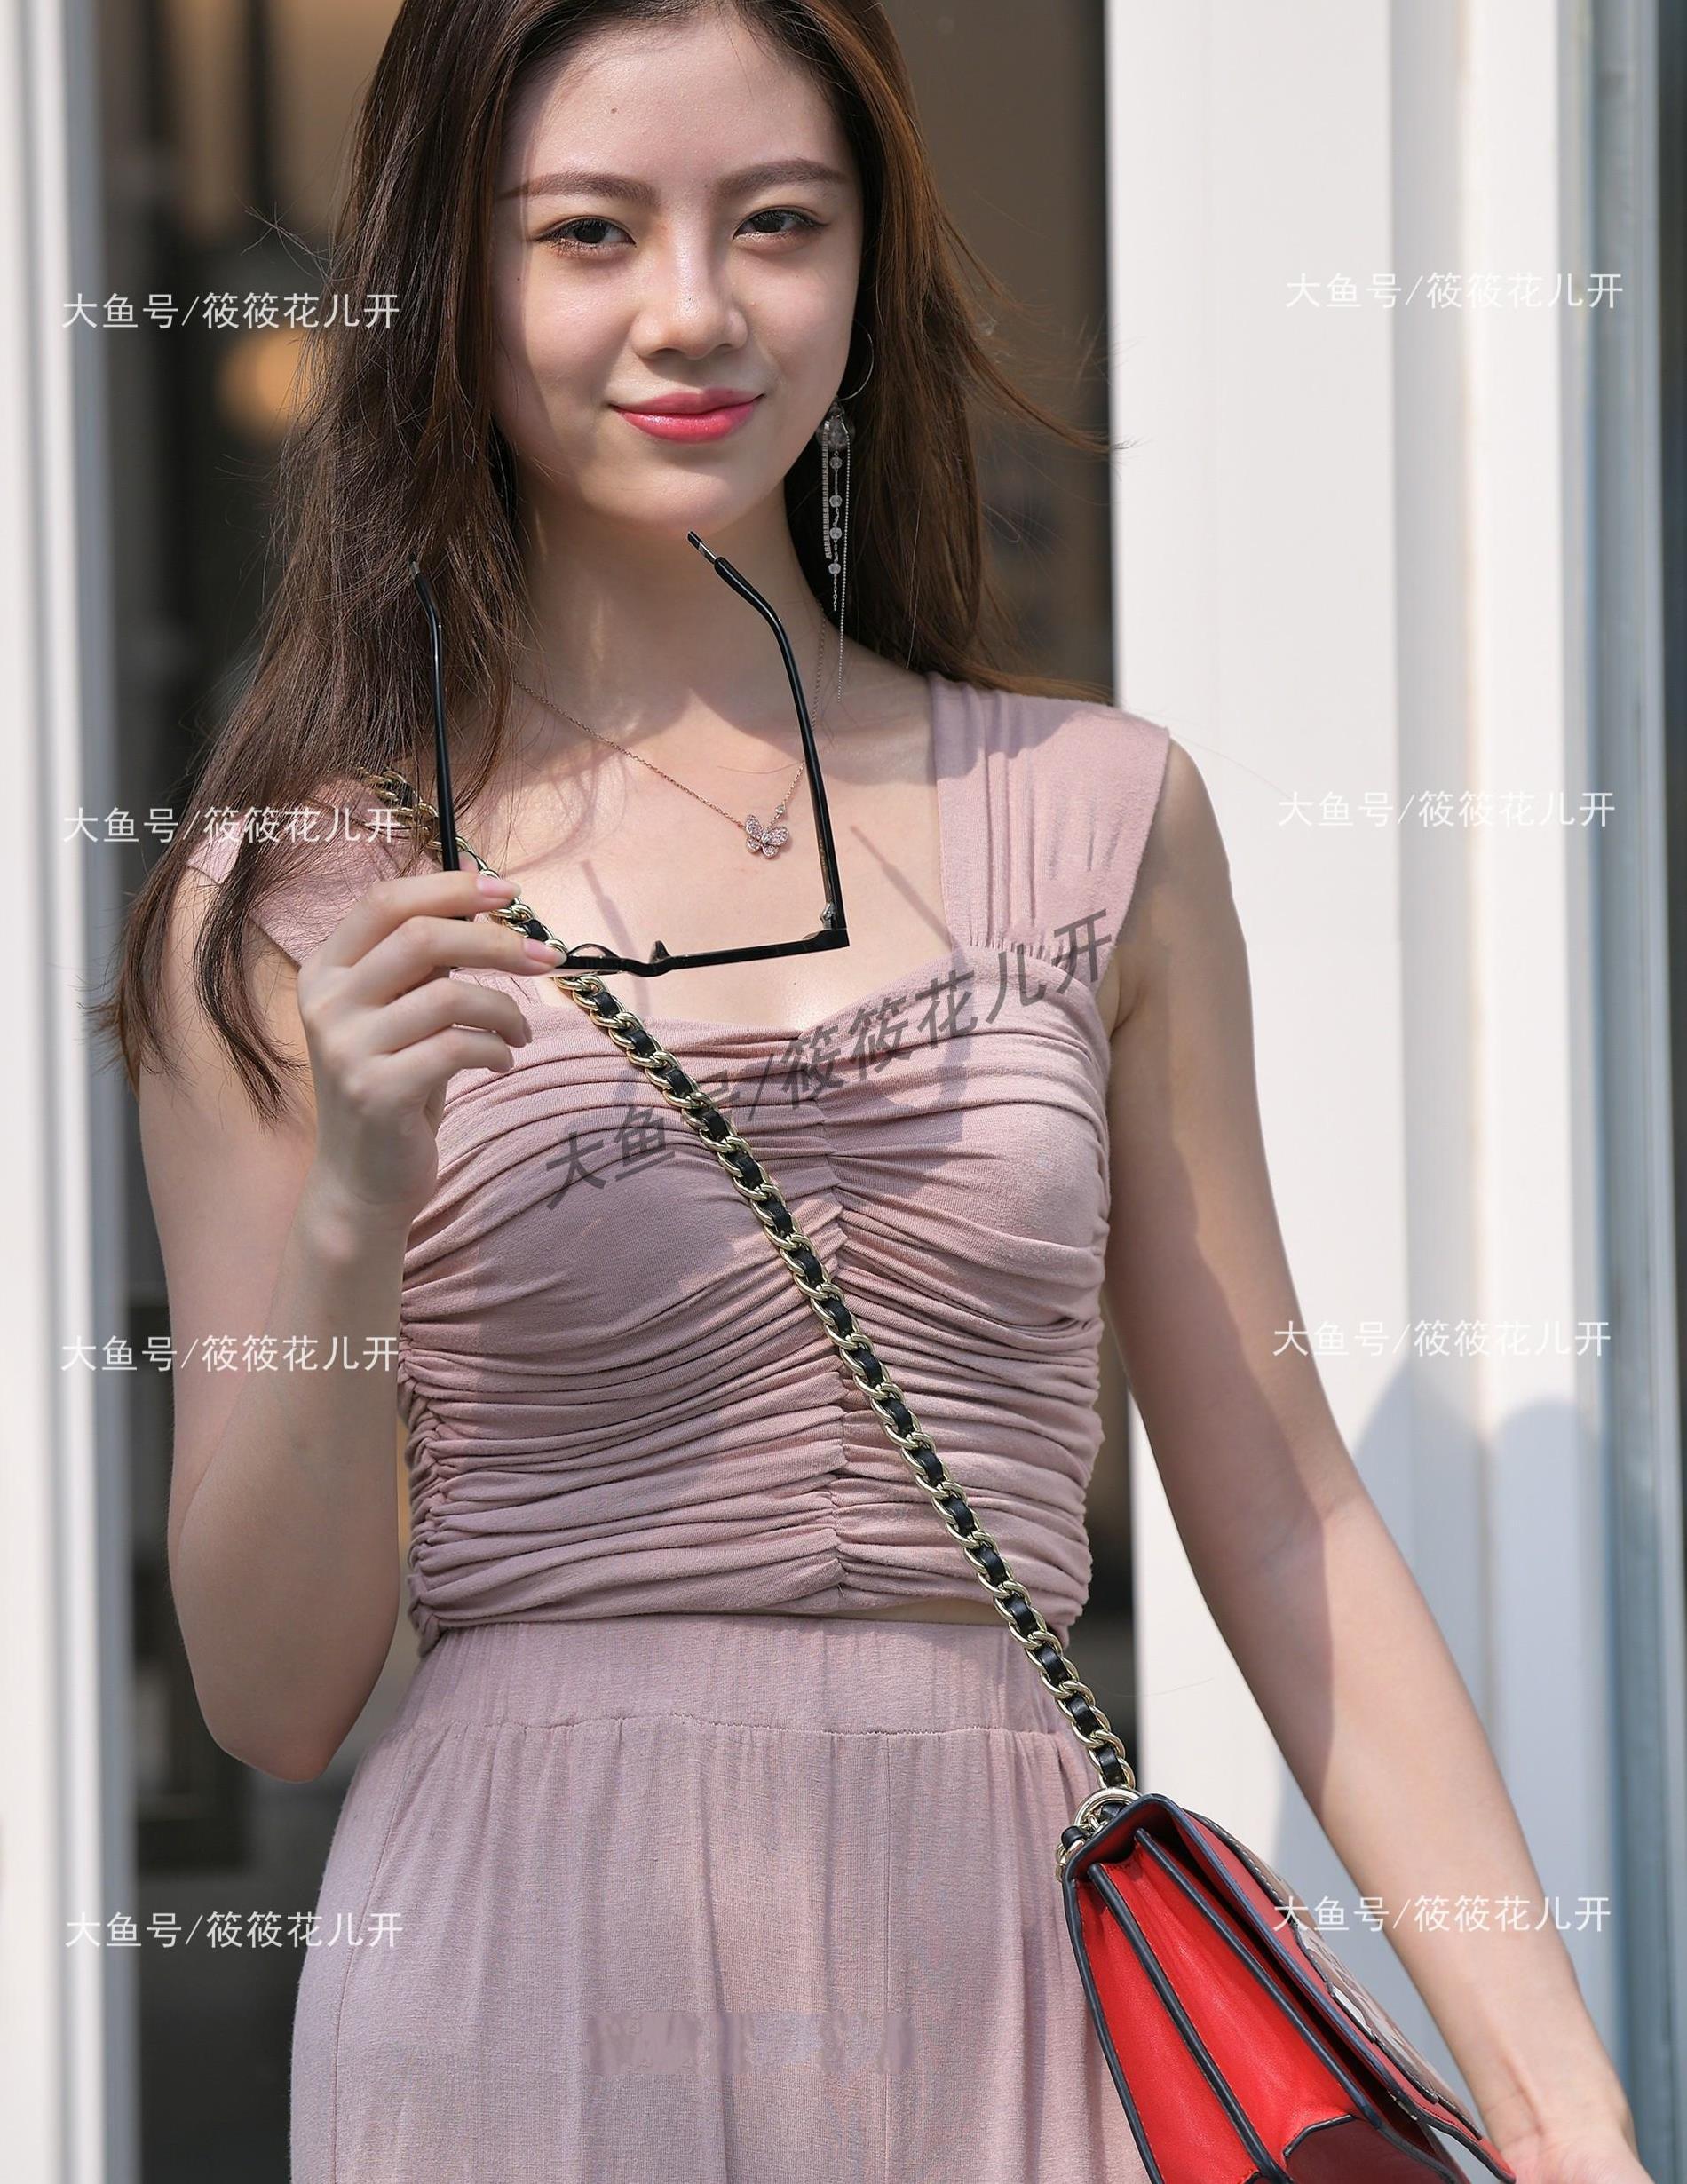 玫瑰粉吊带连体裤,款式新颖,面料舒适